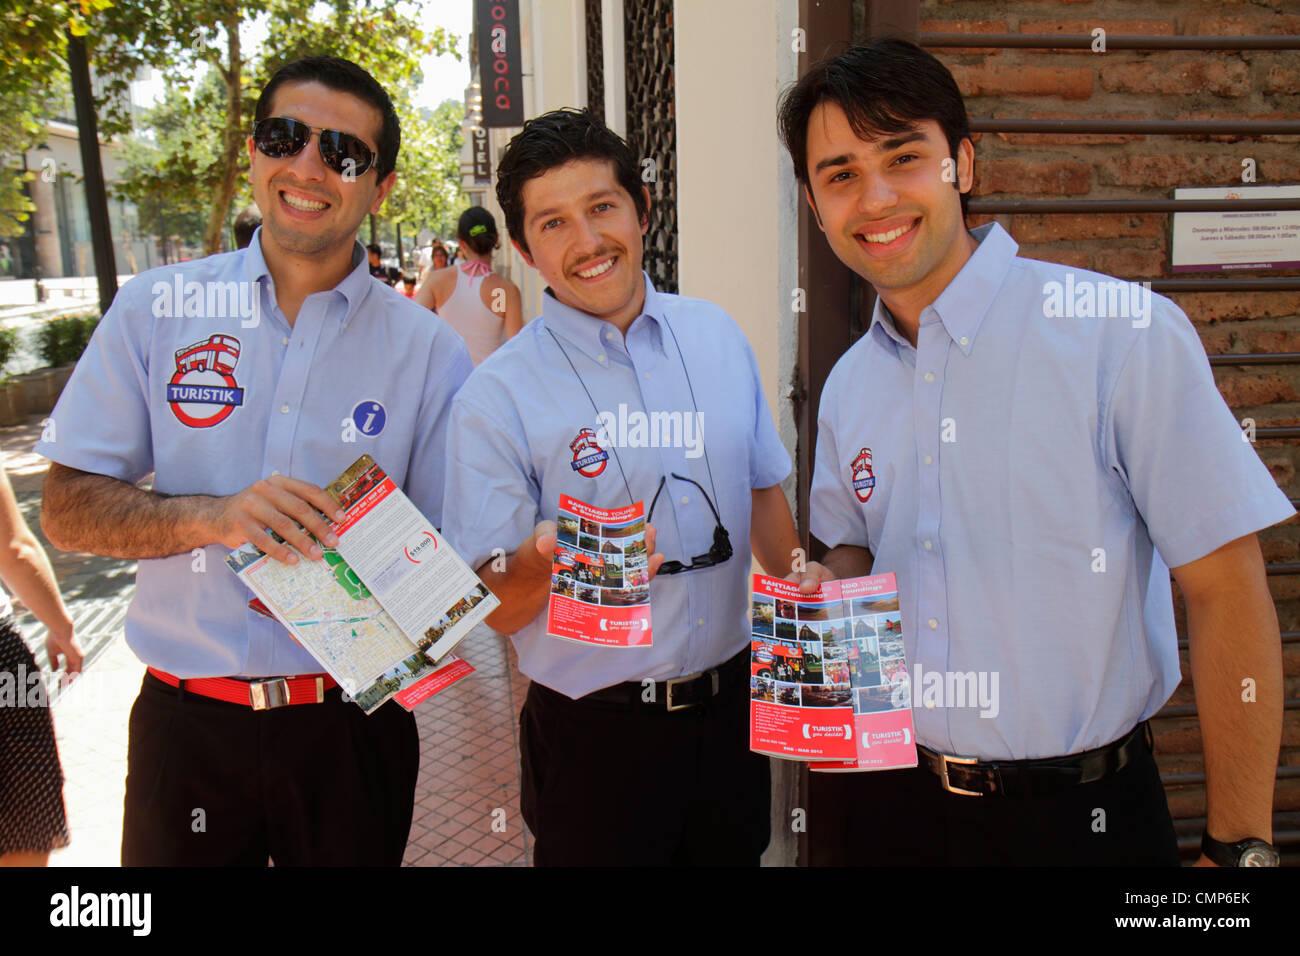 Santiago del Cile Bellavista Pio nono Turistik double decker bus tour company marketing uomo ispanico guida agente Immagini Stock